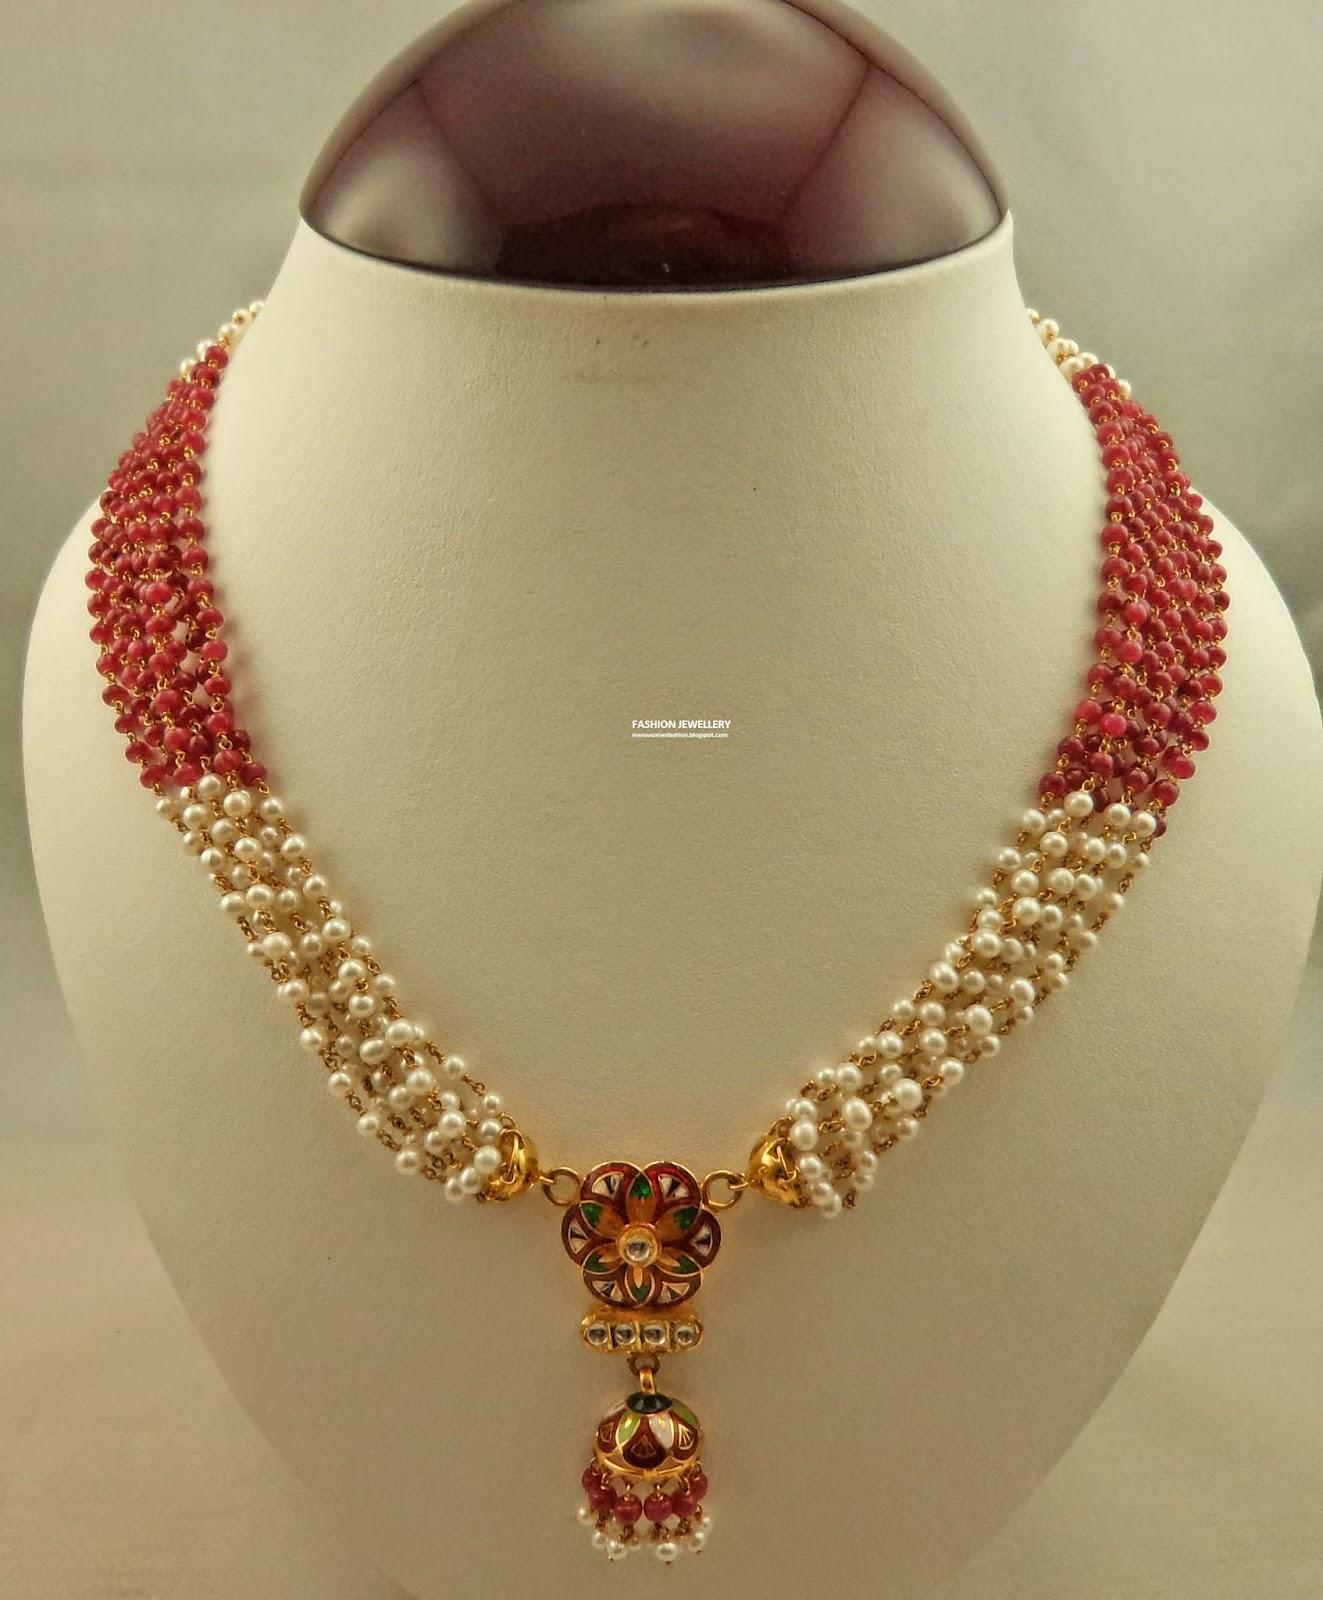 Gibraltar Pearl Ruby Wedding Bridal Fashion Jewelry 29